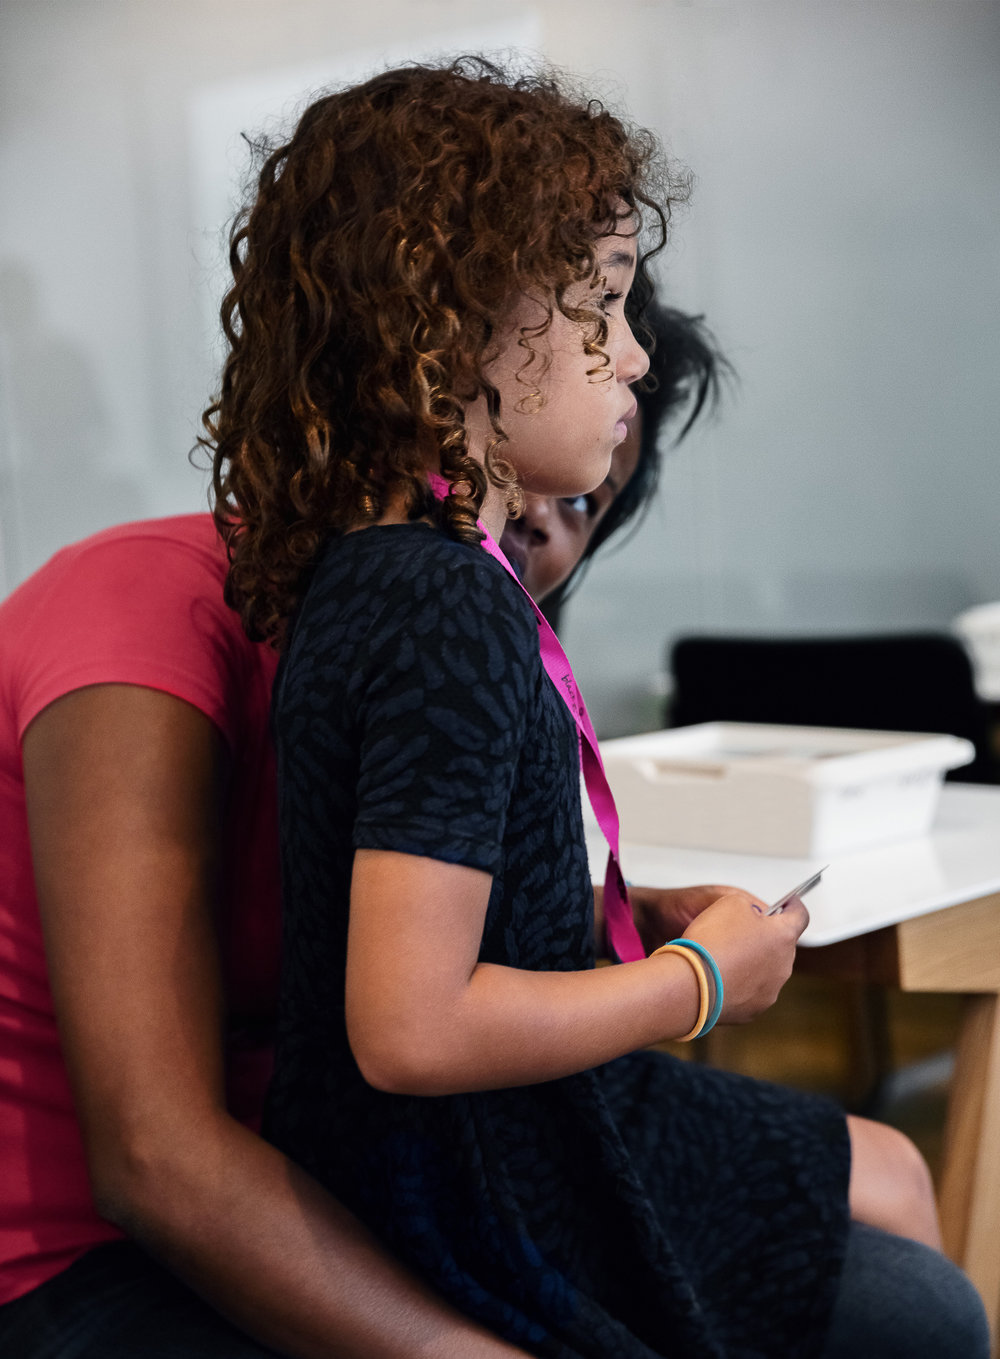 Metodologia Lumiar - Nossa forma única de oferecer a experiência escolar se organiza com base em seis pilares: currículo em mosaico, tutores e mestres, multietariedade, aprendizagem ativa, gestão participativa e avaliação integrada. Eles constituem uma transformação total e radical da forma de entender e de estar no mundo.